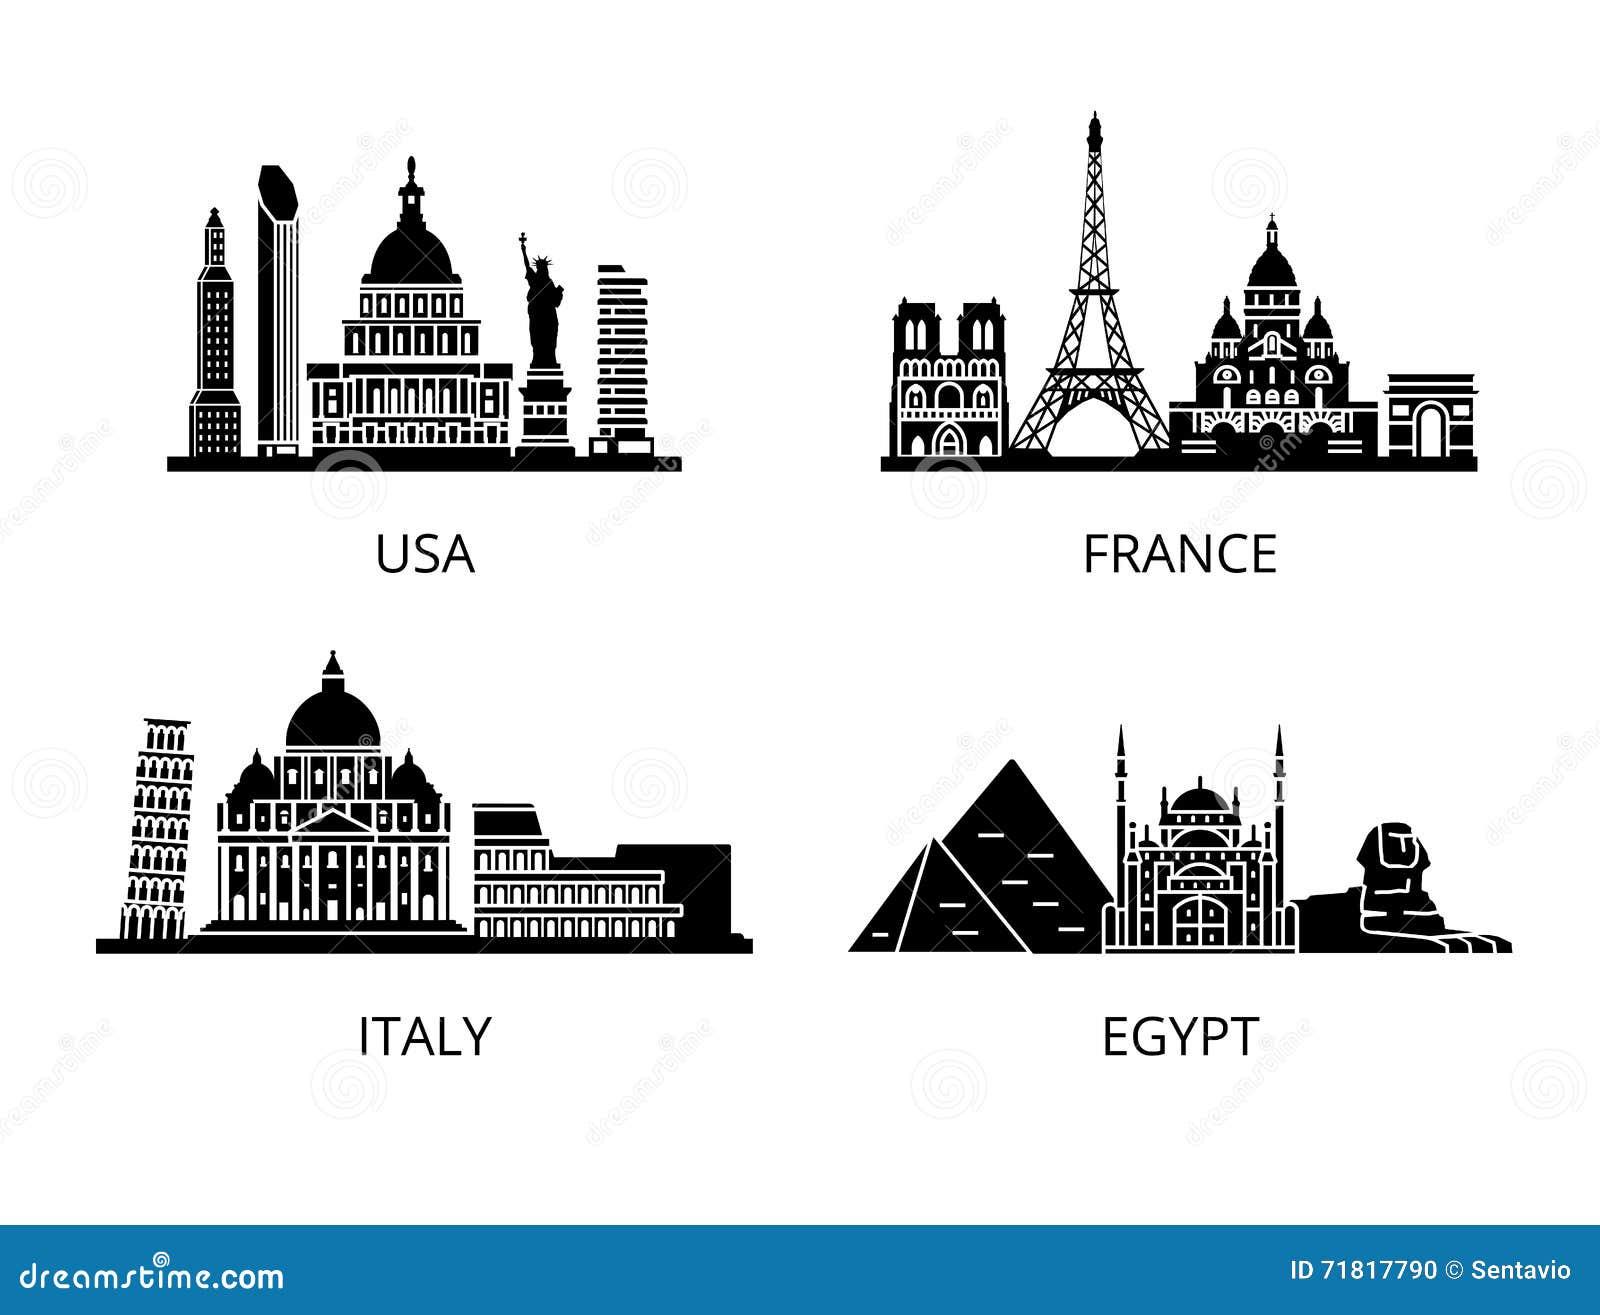 高细节地标剪影钢板蜡纸集合 世界国家